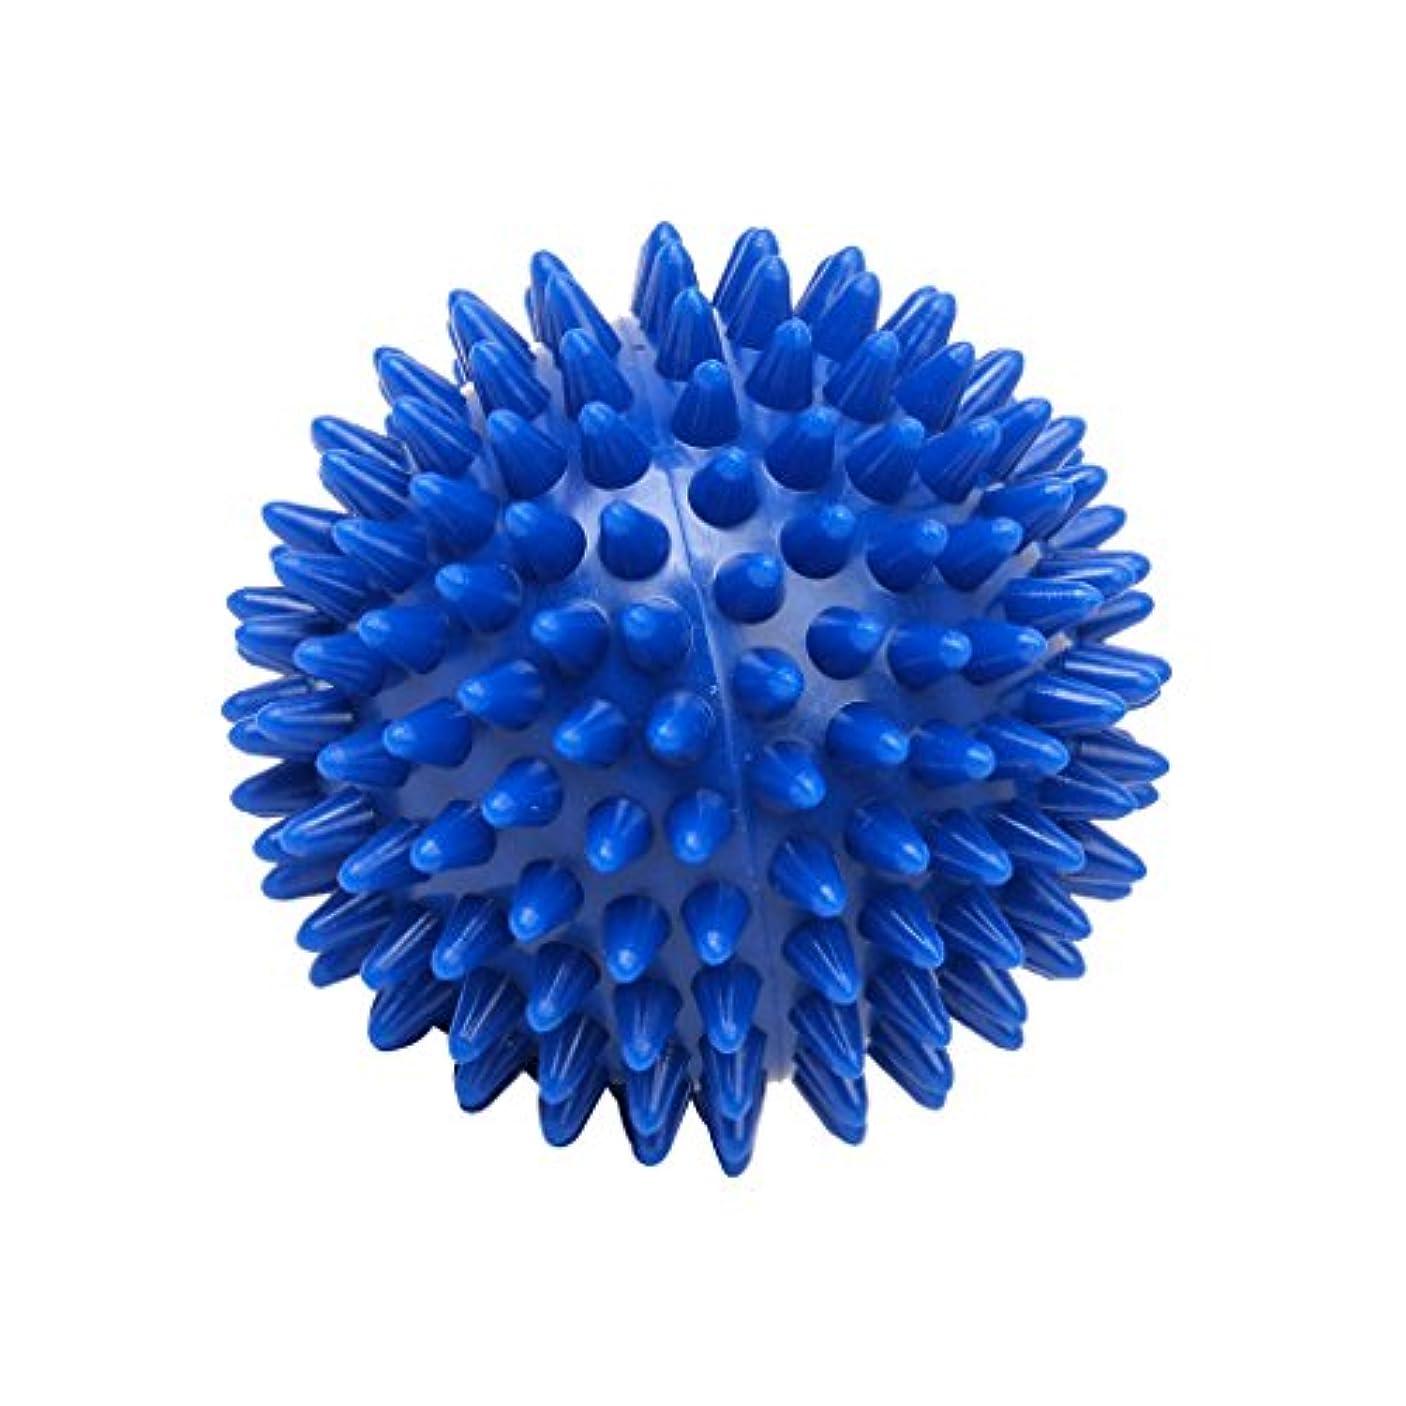 物思いにふける賞賛癒すFootful マッサージボール 健康グッズ 健康器具 血液循環促進 緊張緩和 7cm ブルー